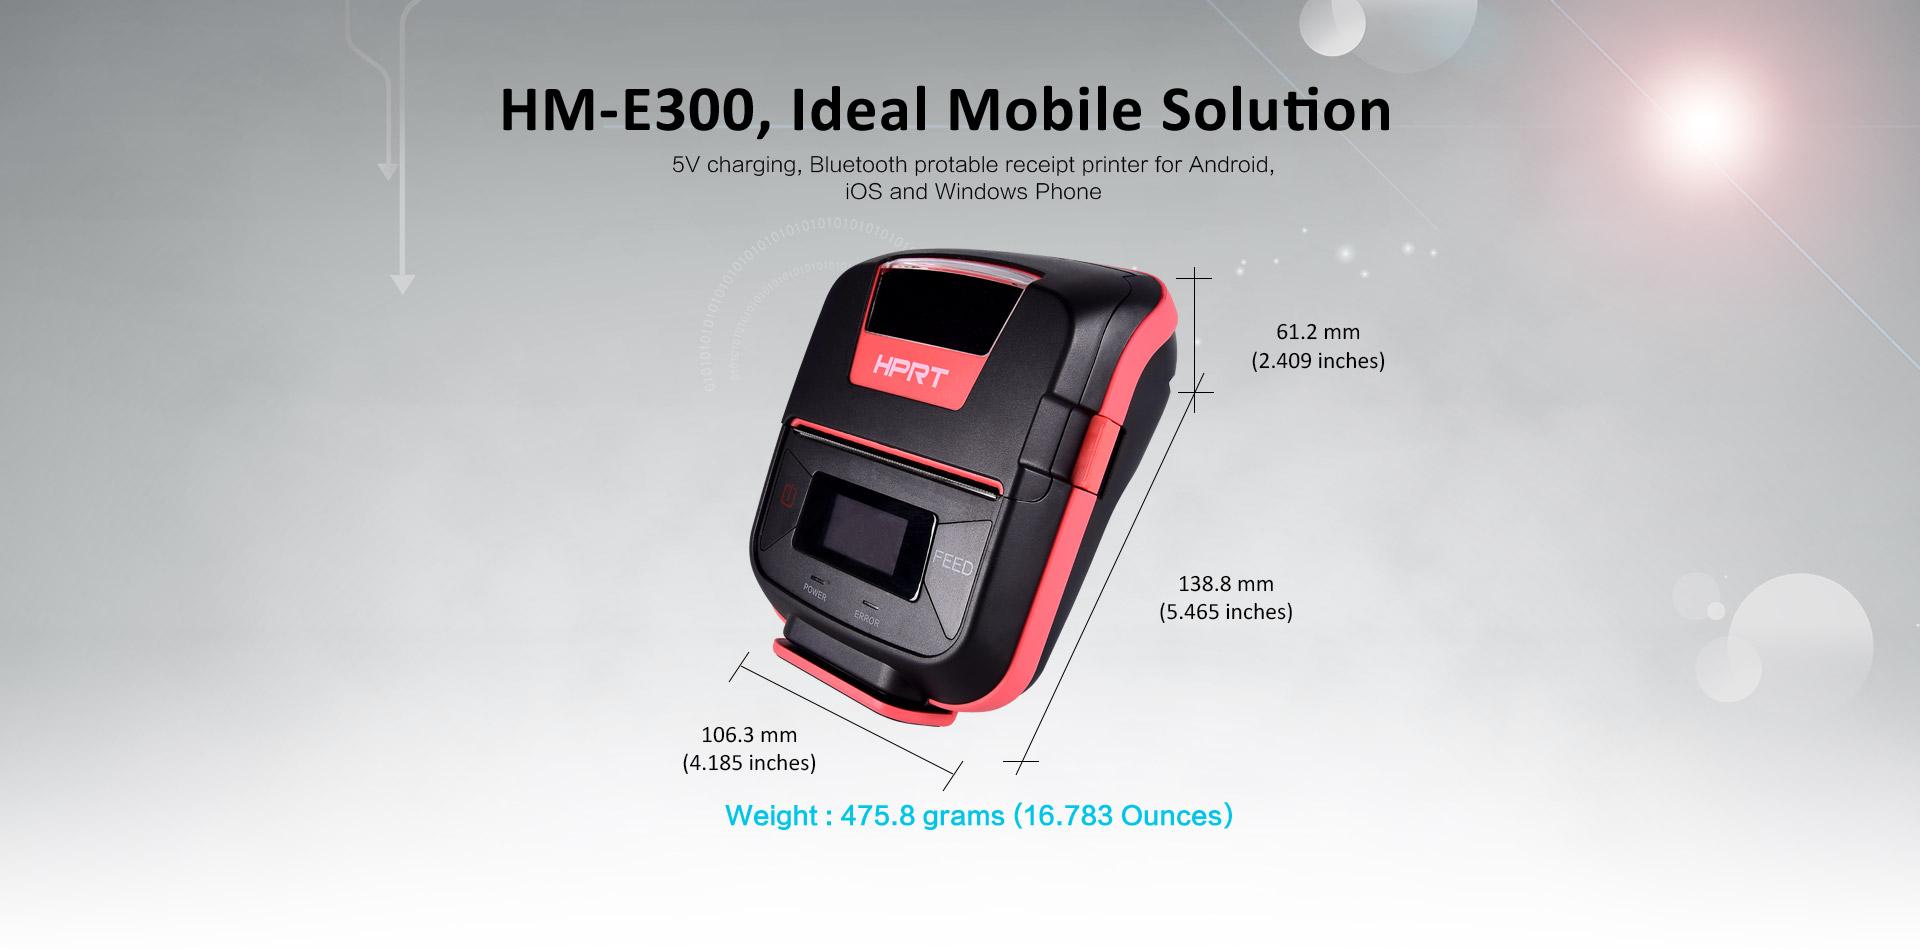 HM-E300